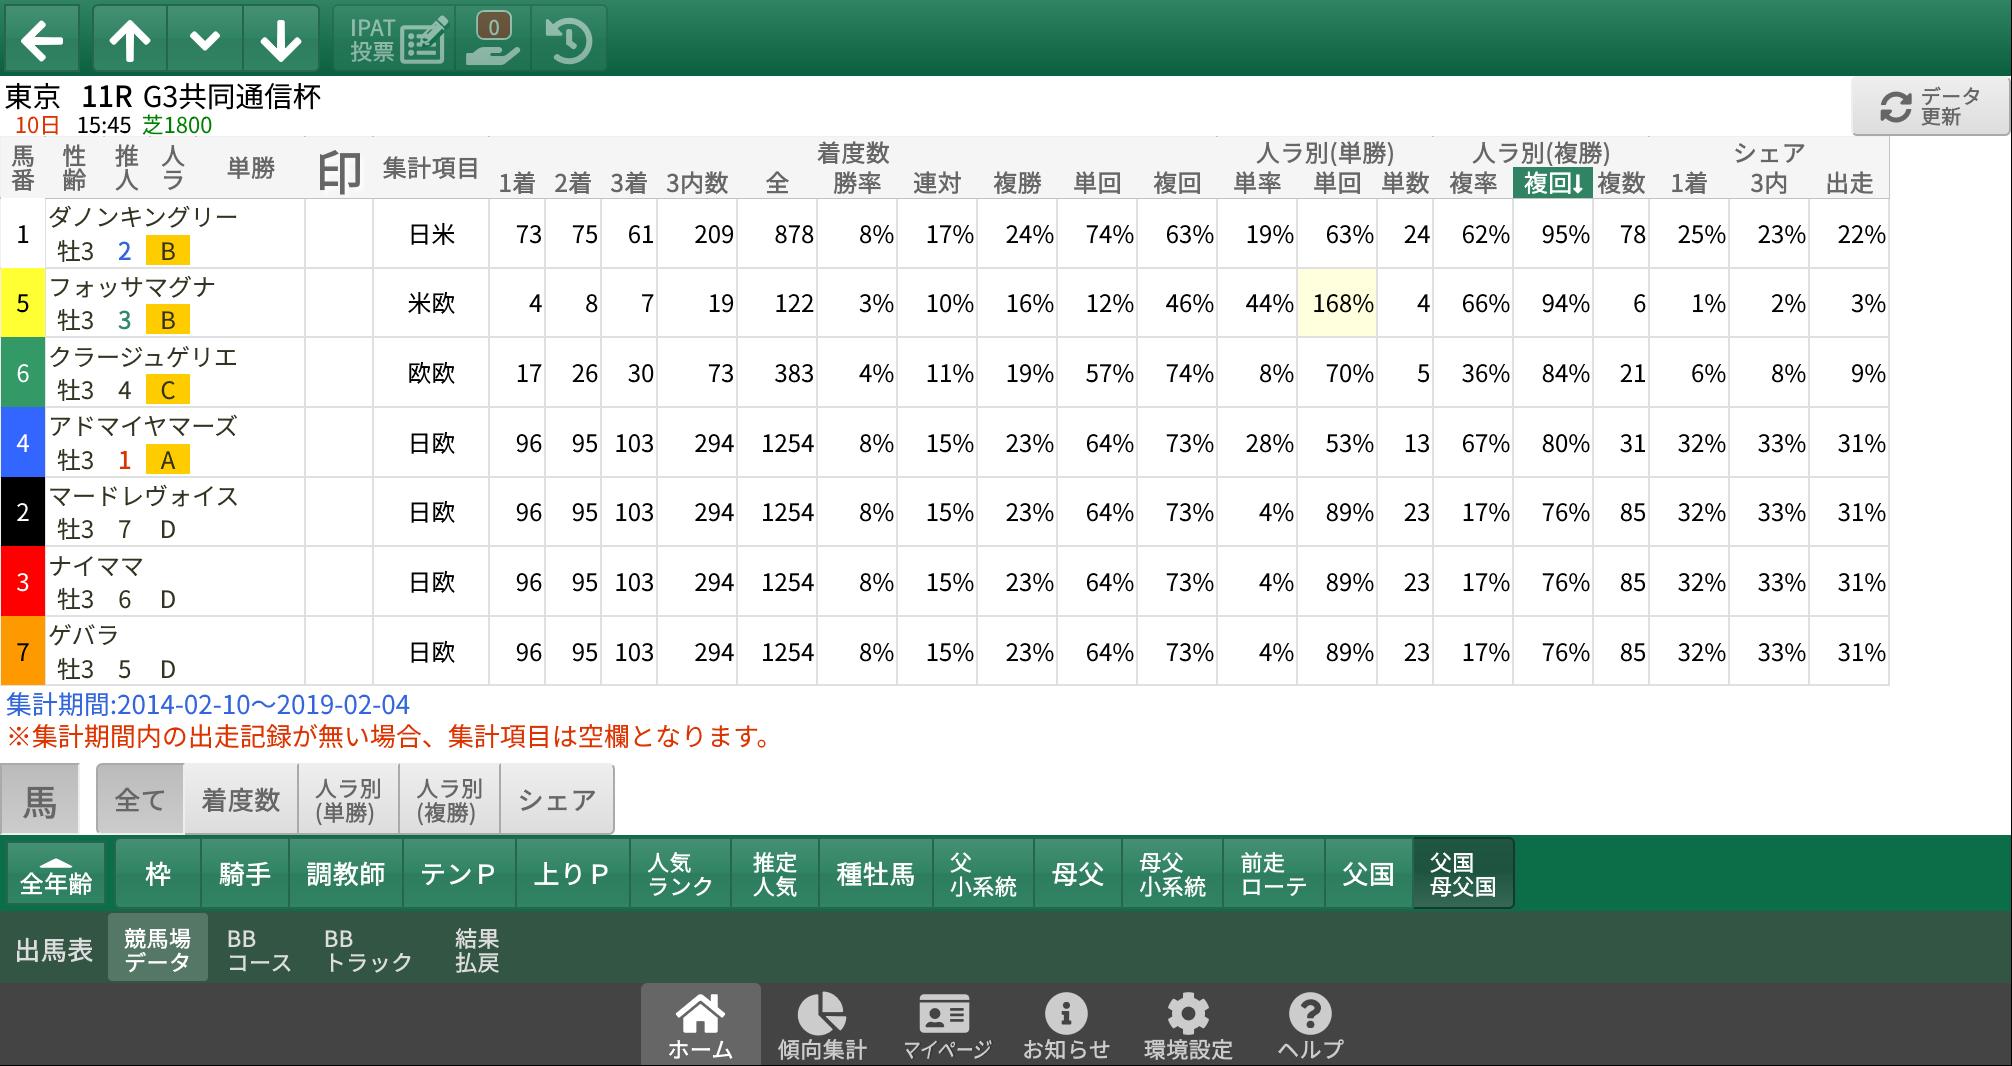 【無料公開】 東京新聞杯/スマート出馬表 - 基本&血統・系統&ローテ・順位&父国×母父国データ画面